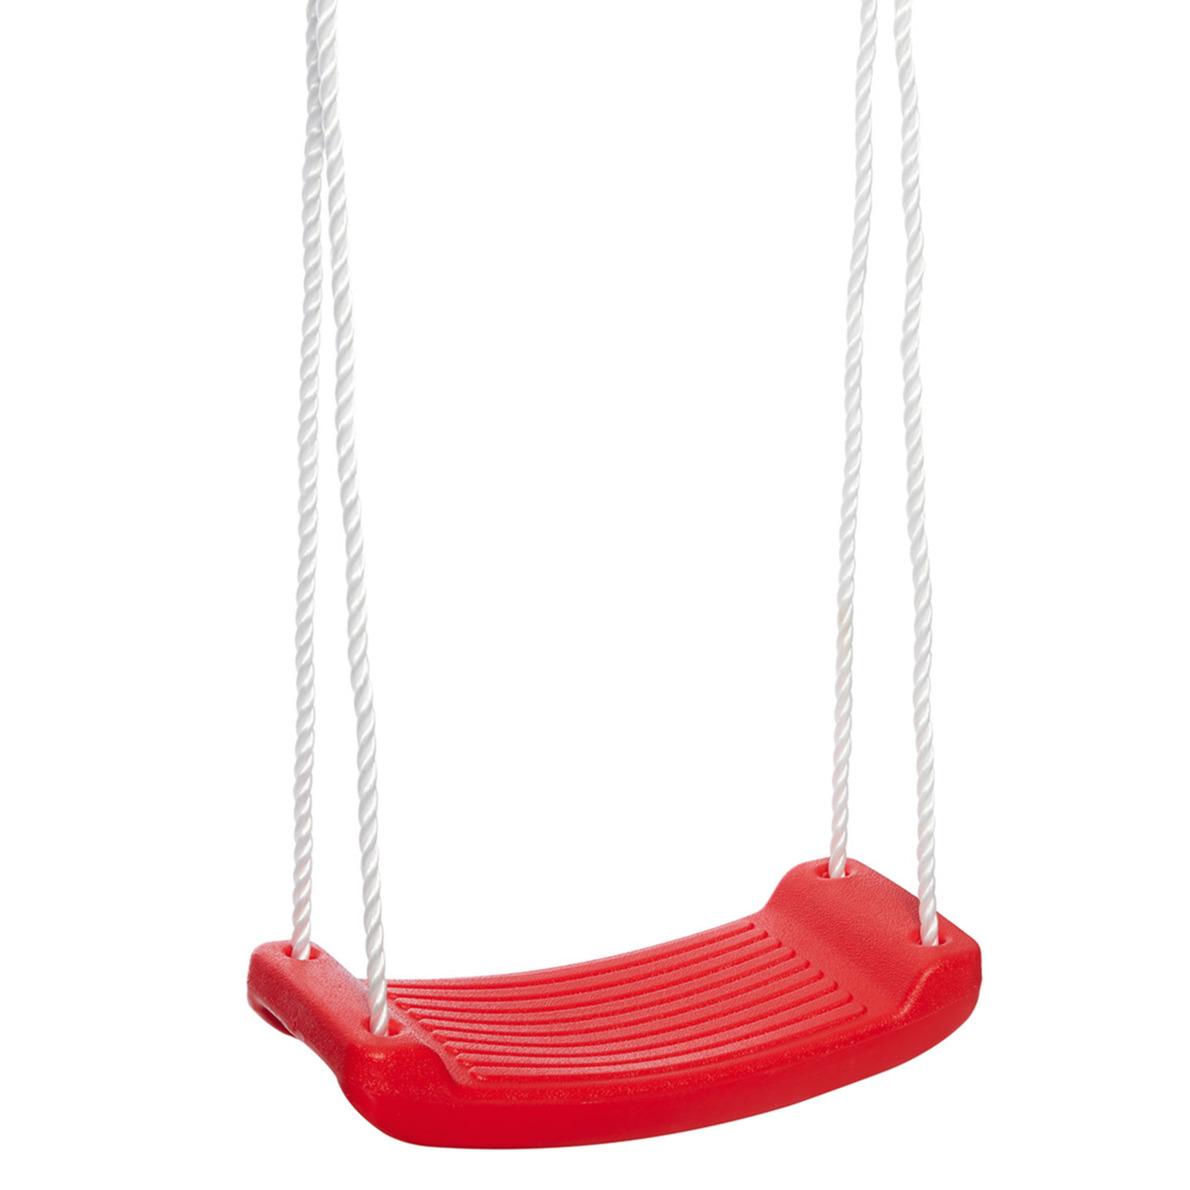 Buitenspeelgoed schommel rood 42 cm